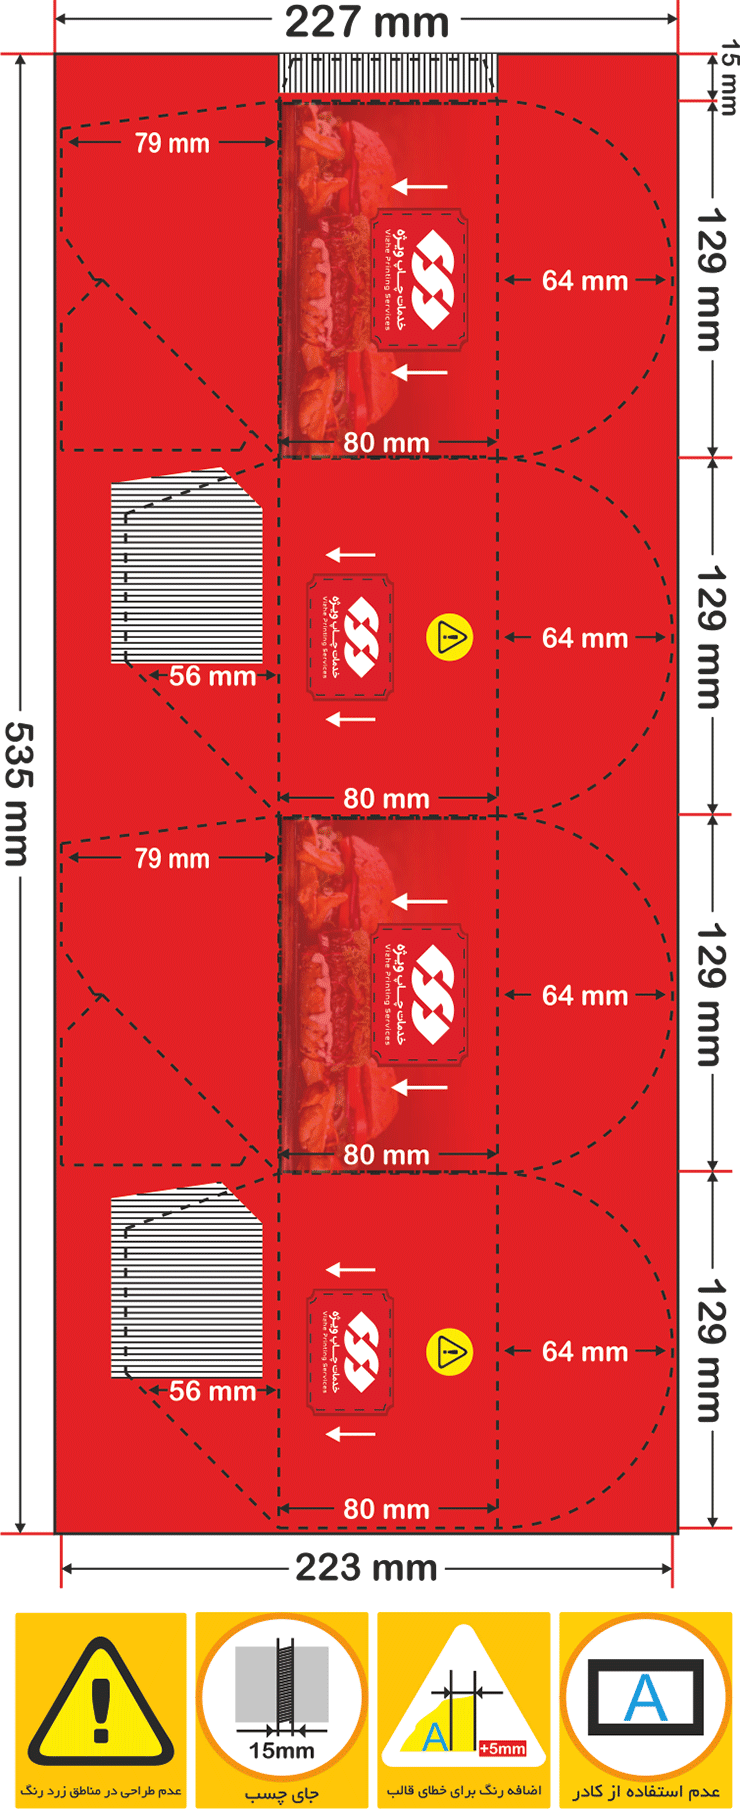 نحوه صحیح طراحی جعبه همبرگر بیرون بر مدل گلبرگ _ چاپ ویژه